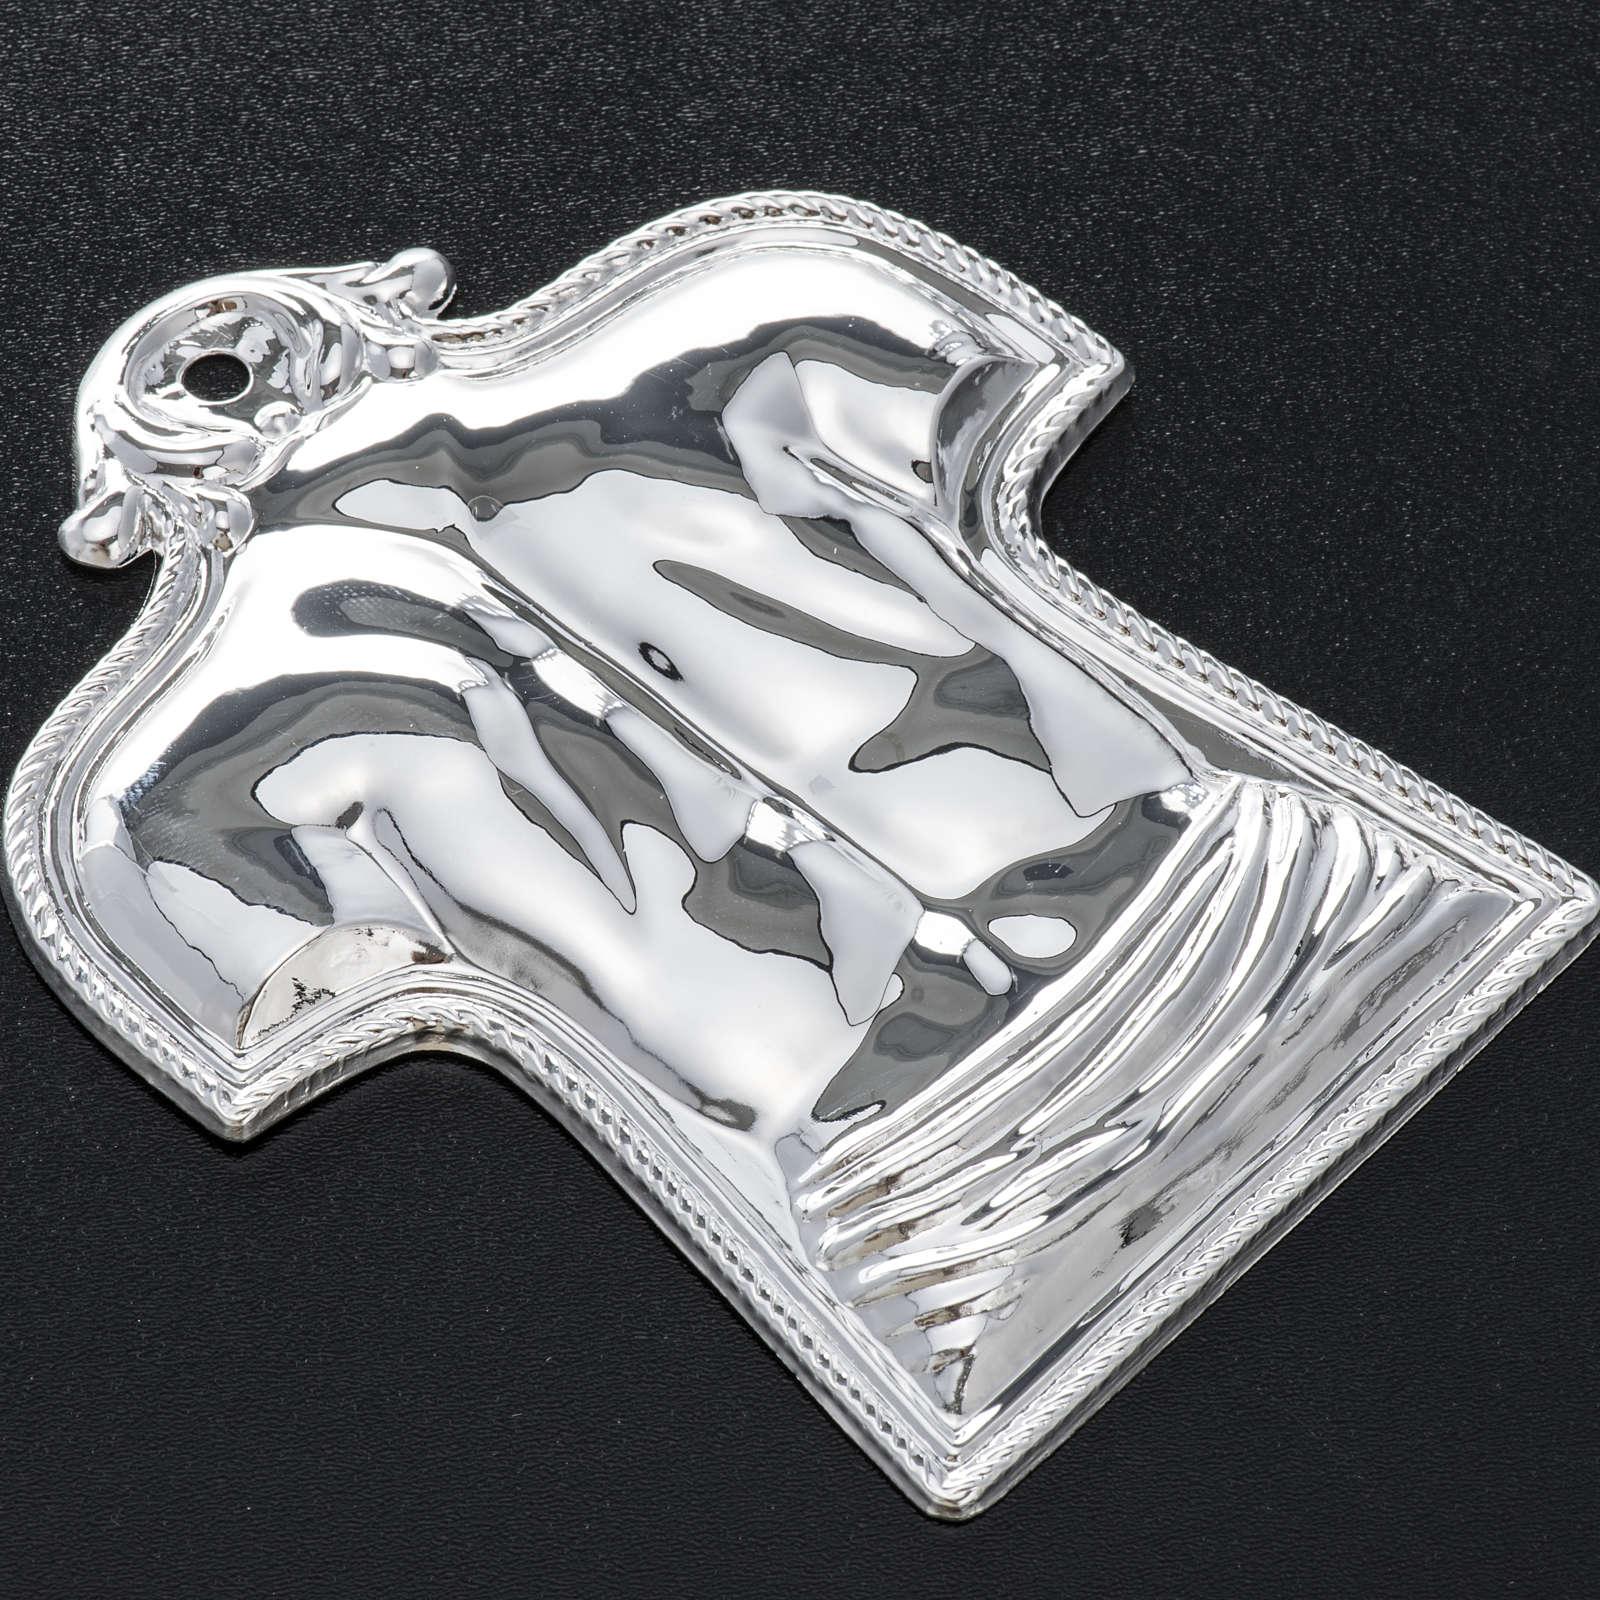 Ex voto schiena e spalle argento 925 o metallo 3